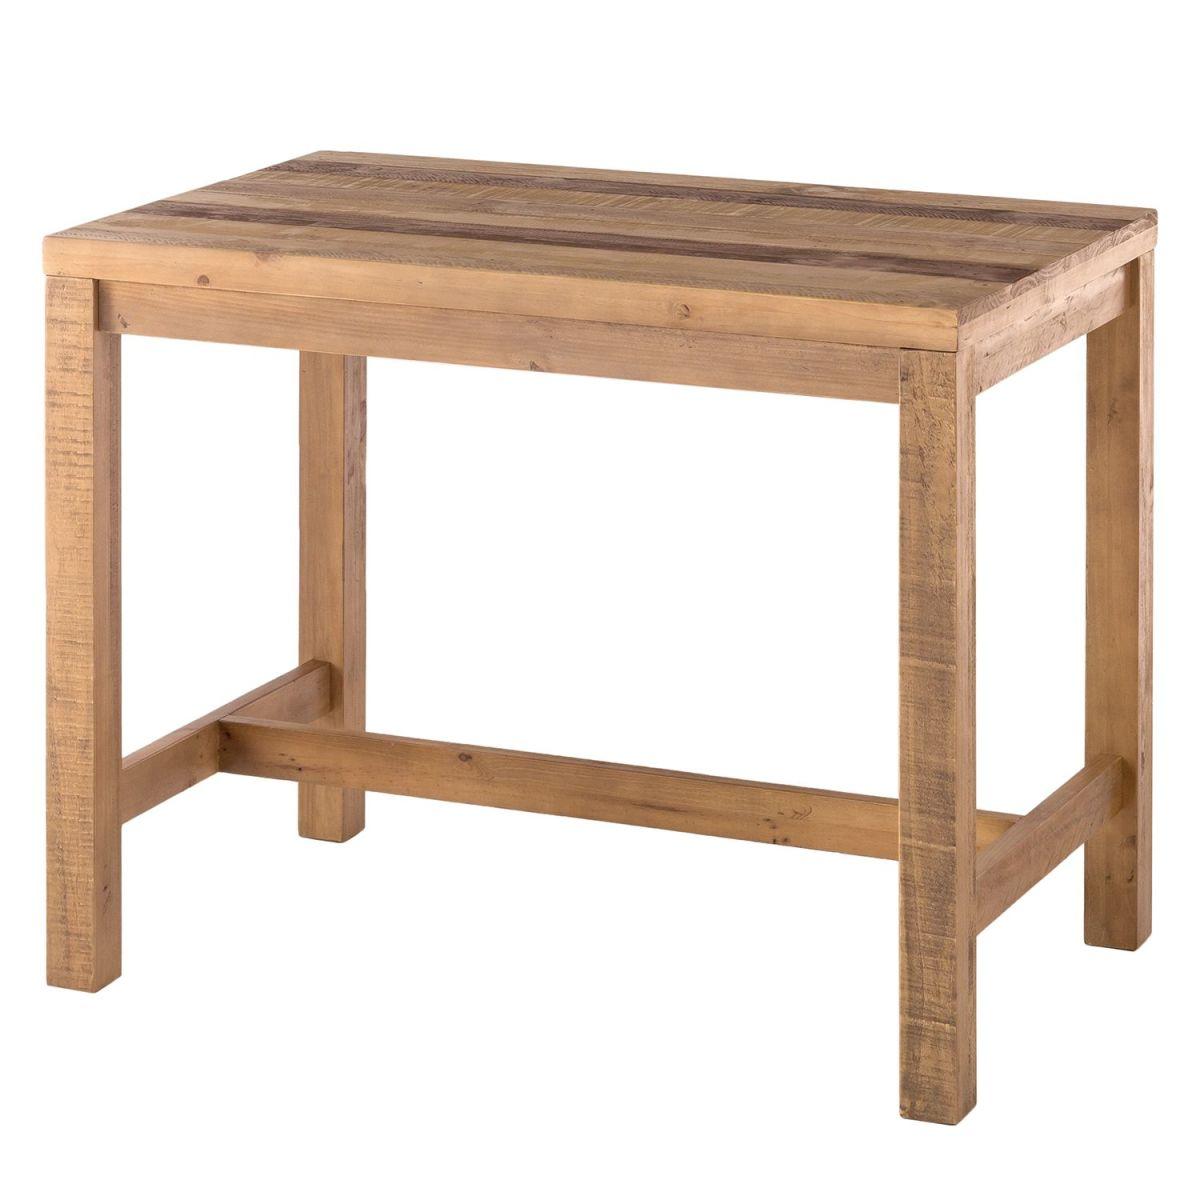 Full Size of Kche Bartisch Ikea Deuba Stehtisch Massiv Holz Bistrotisch Küche Betten Bei Kosten Kaufen Modulküche Miniküche 160x200 Sofa Mit Schlaffunktion Wohnzimmer Ikea Bartisch